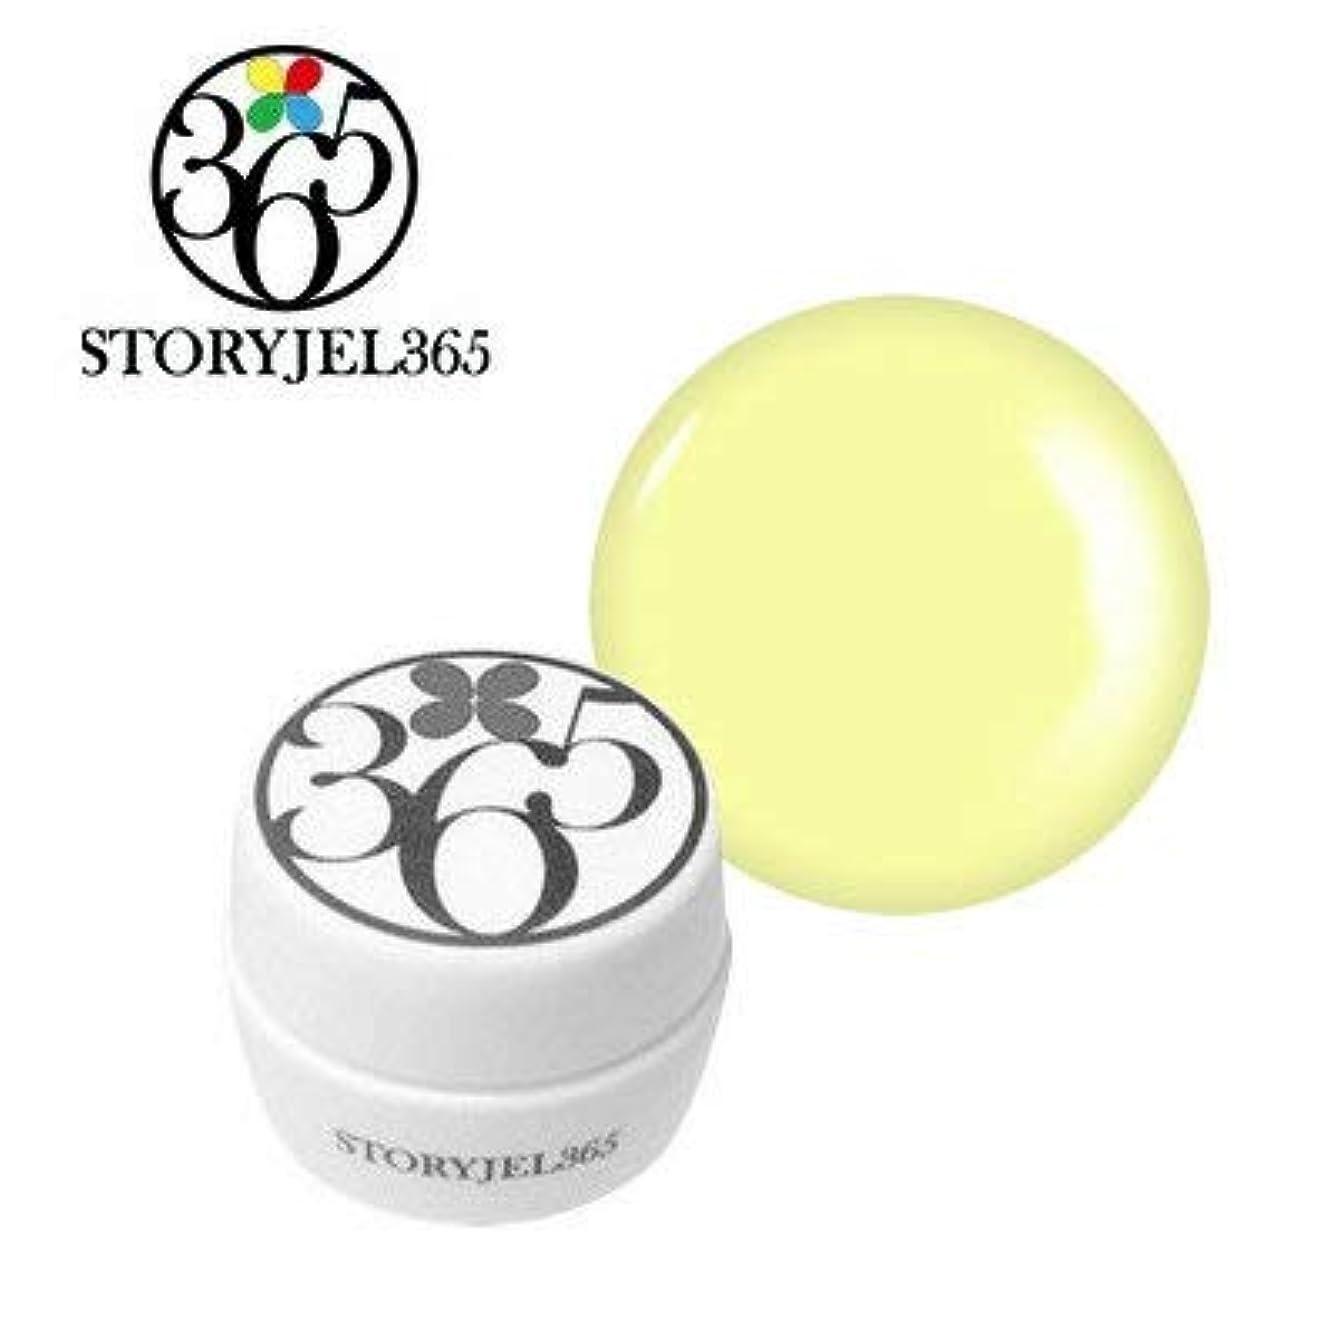 属する寄付電子レンジSTORYJEL365 カラージェル 5g (ストーリージェル) SJS-303M-D シトロンクリーム